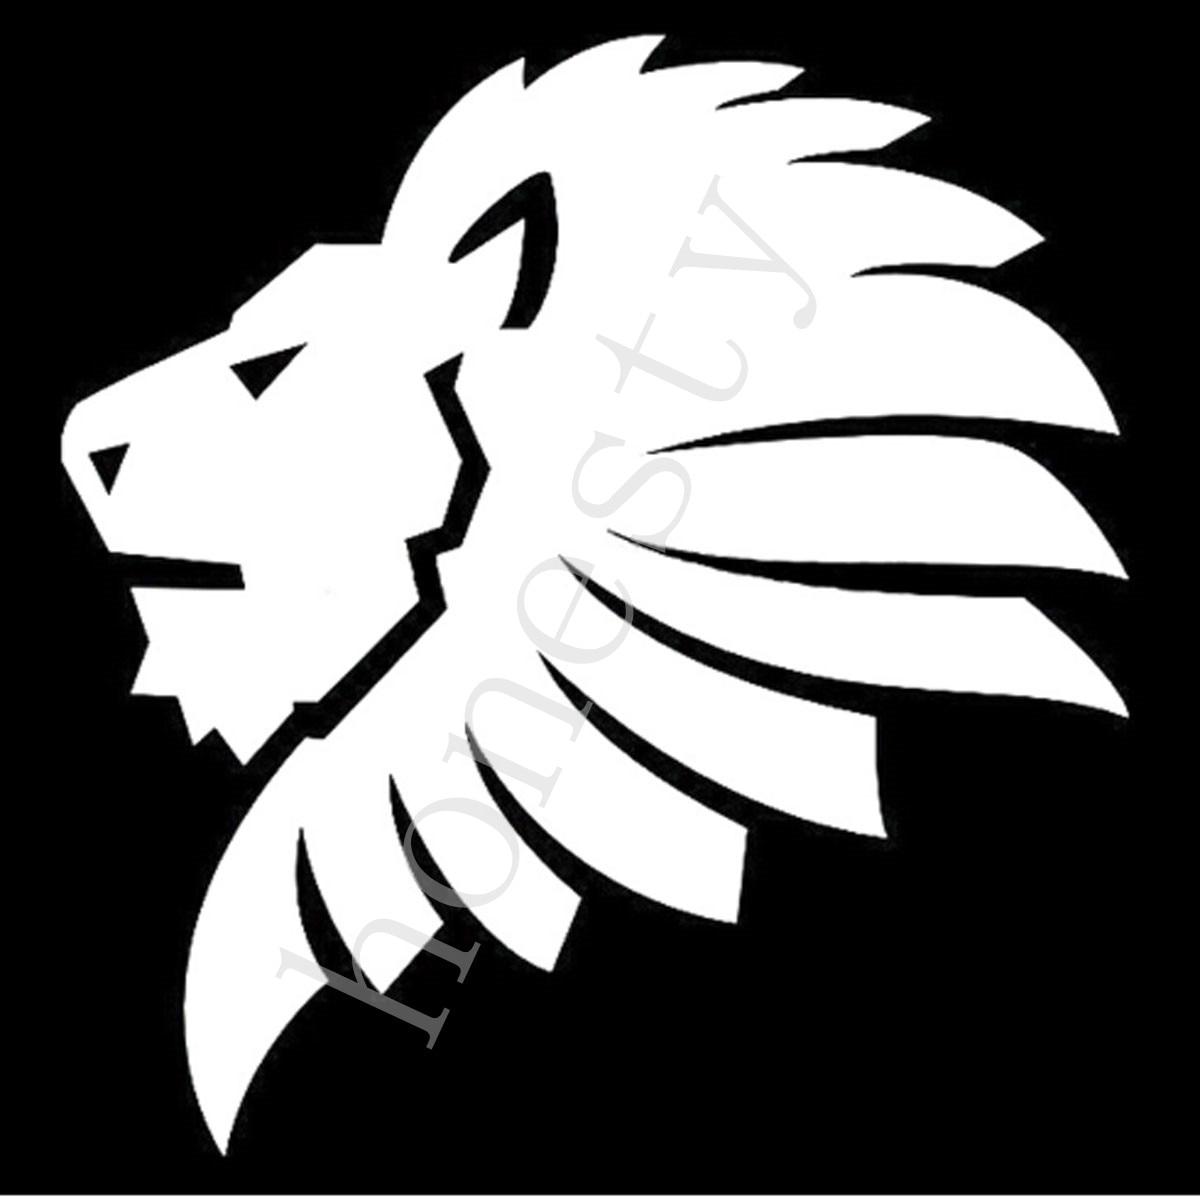 Kumpulan Gambar Kepala Binatang Hitam Putih